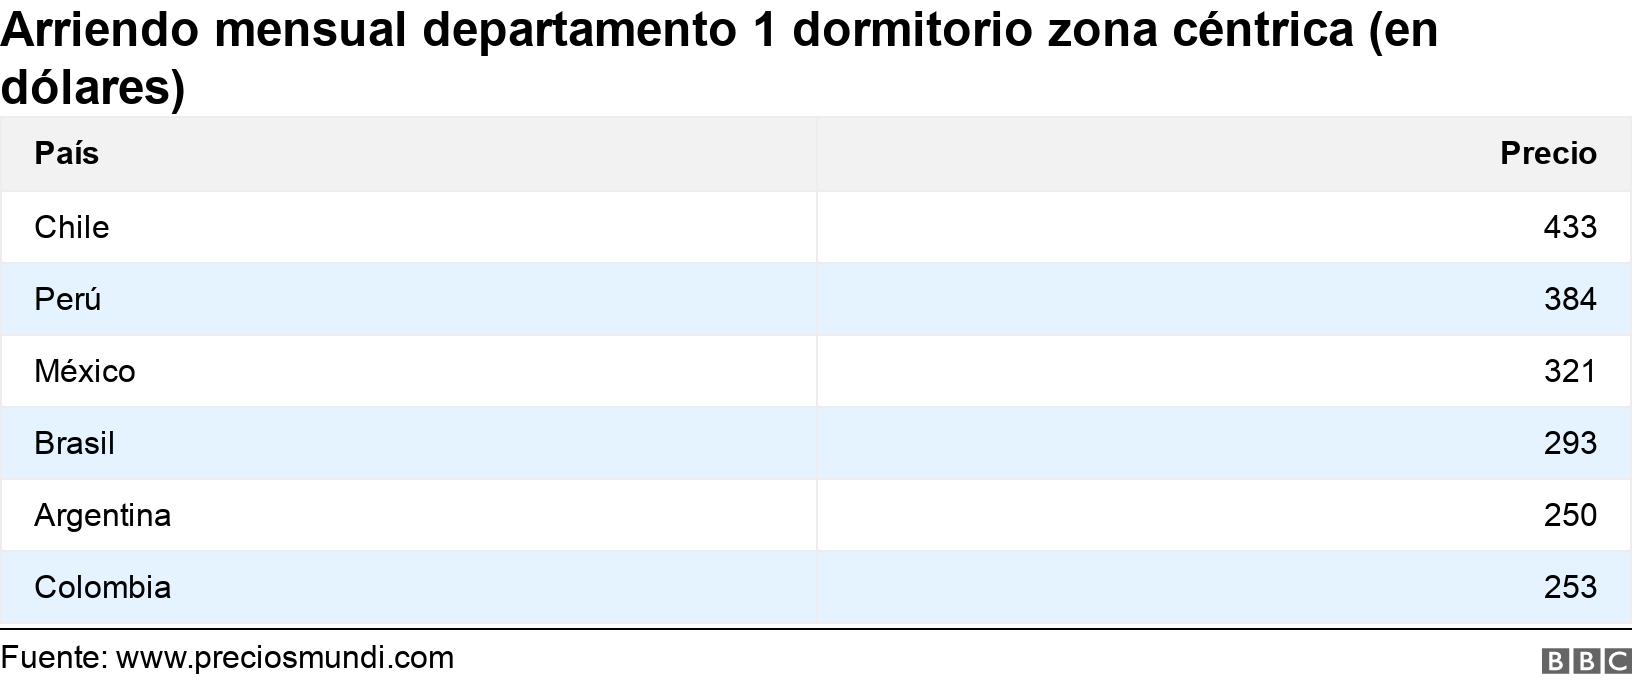 Arriendo mensual departamento 1 dormitorio zona céntrica (en dólares). .  .